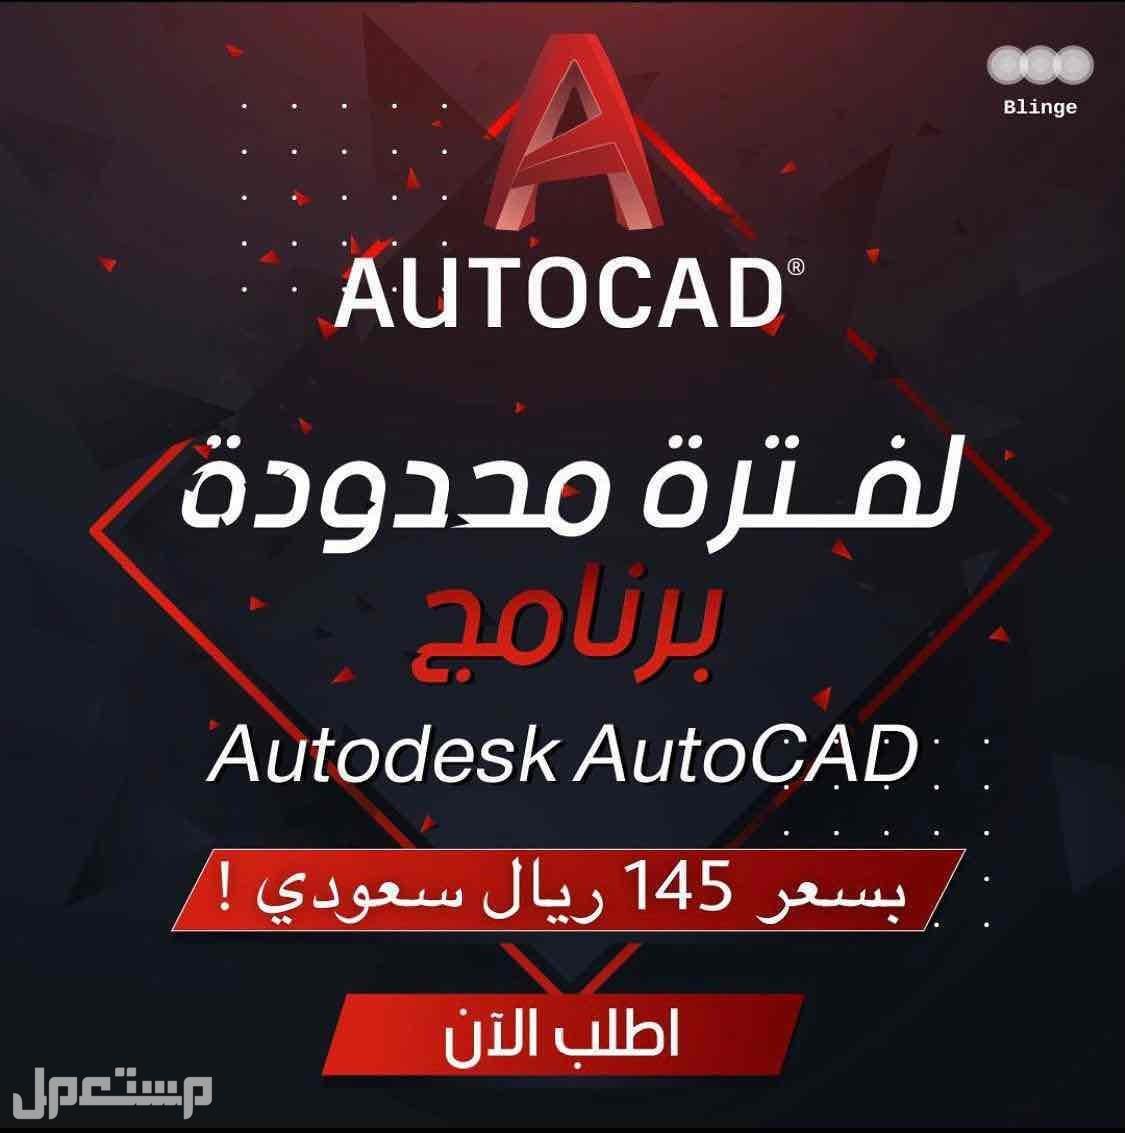 اوتوديسك اوتوكاد - Autodesk AutoCAD 2022